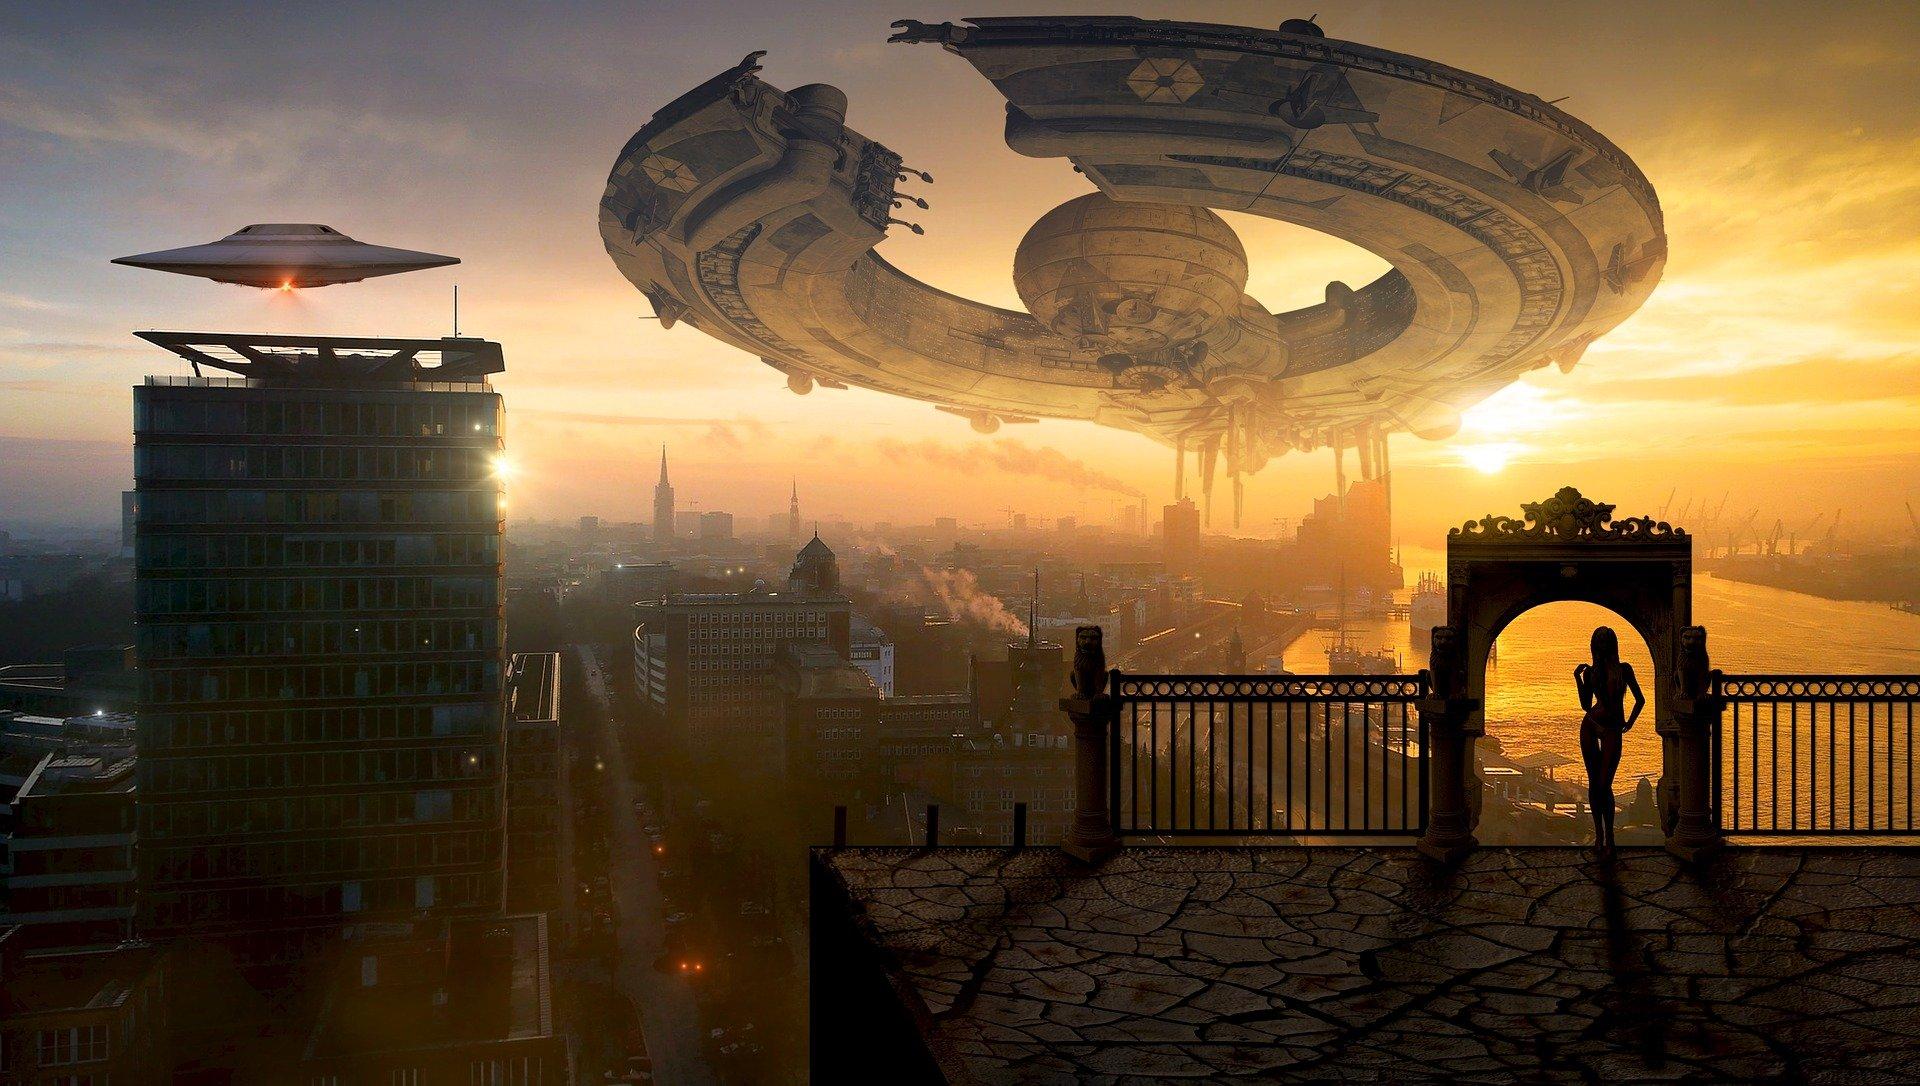 ¿Puede la realidad superar a la Ciencia ficción?